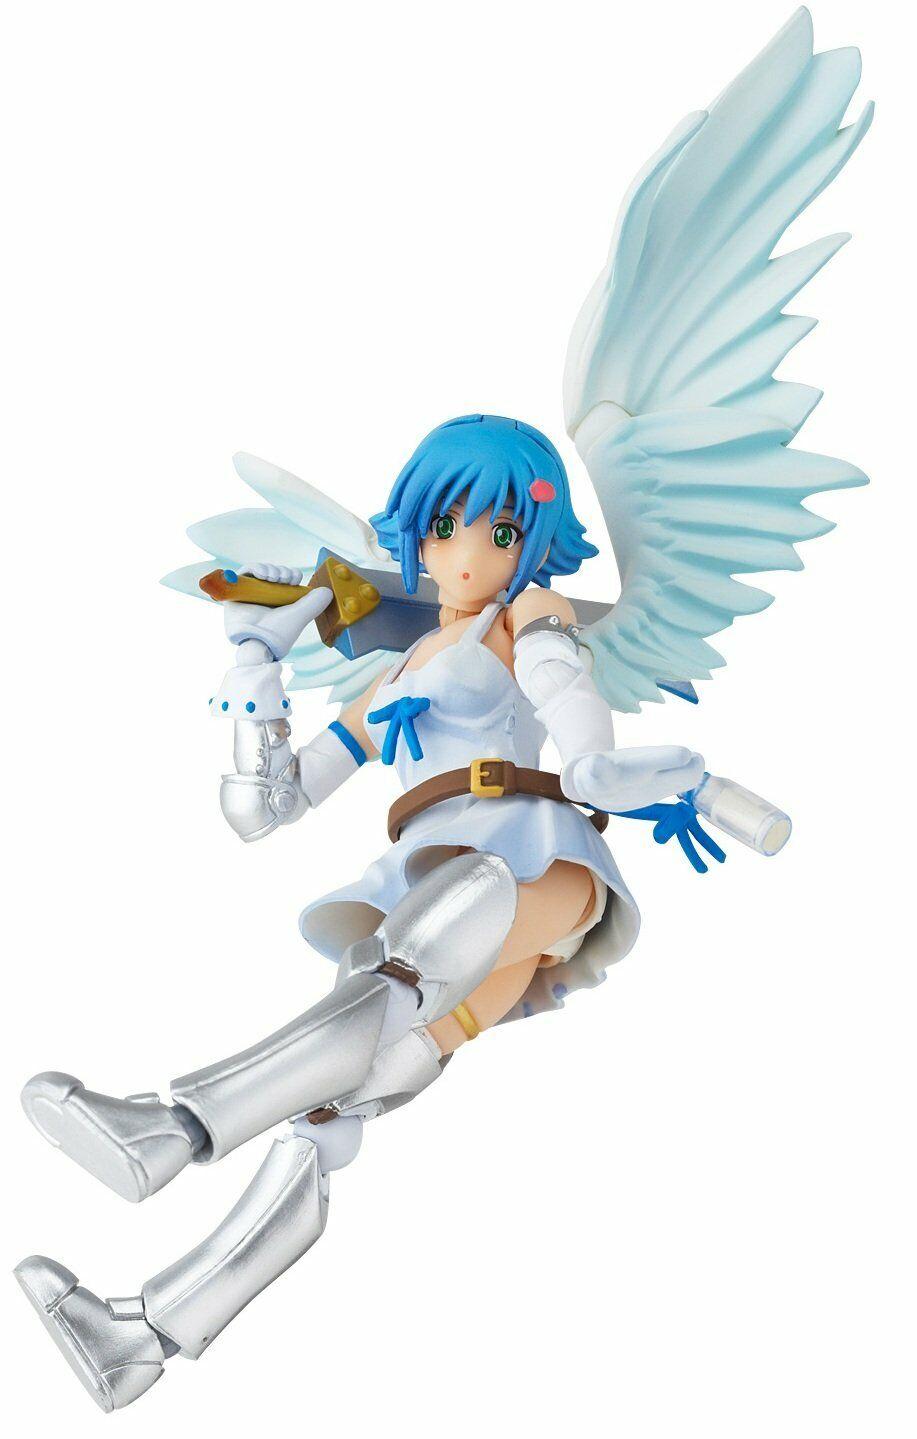 Nouveau Revoltech Queen's  Blade No.004 ange de lumière Nanael Figure KAIYODO  bon shopping